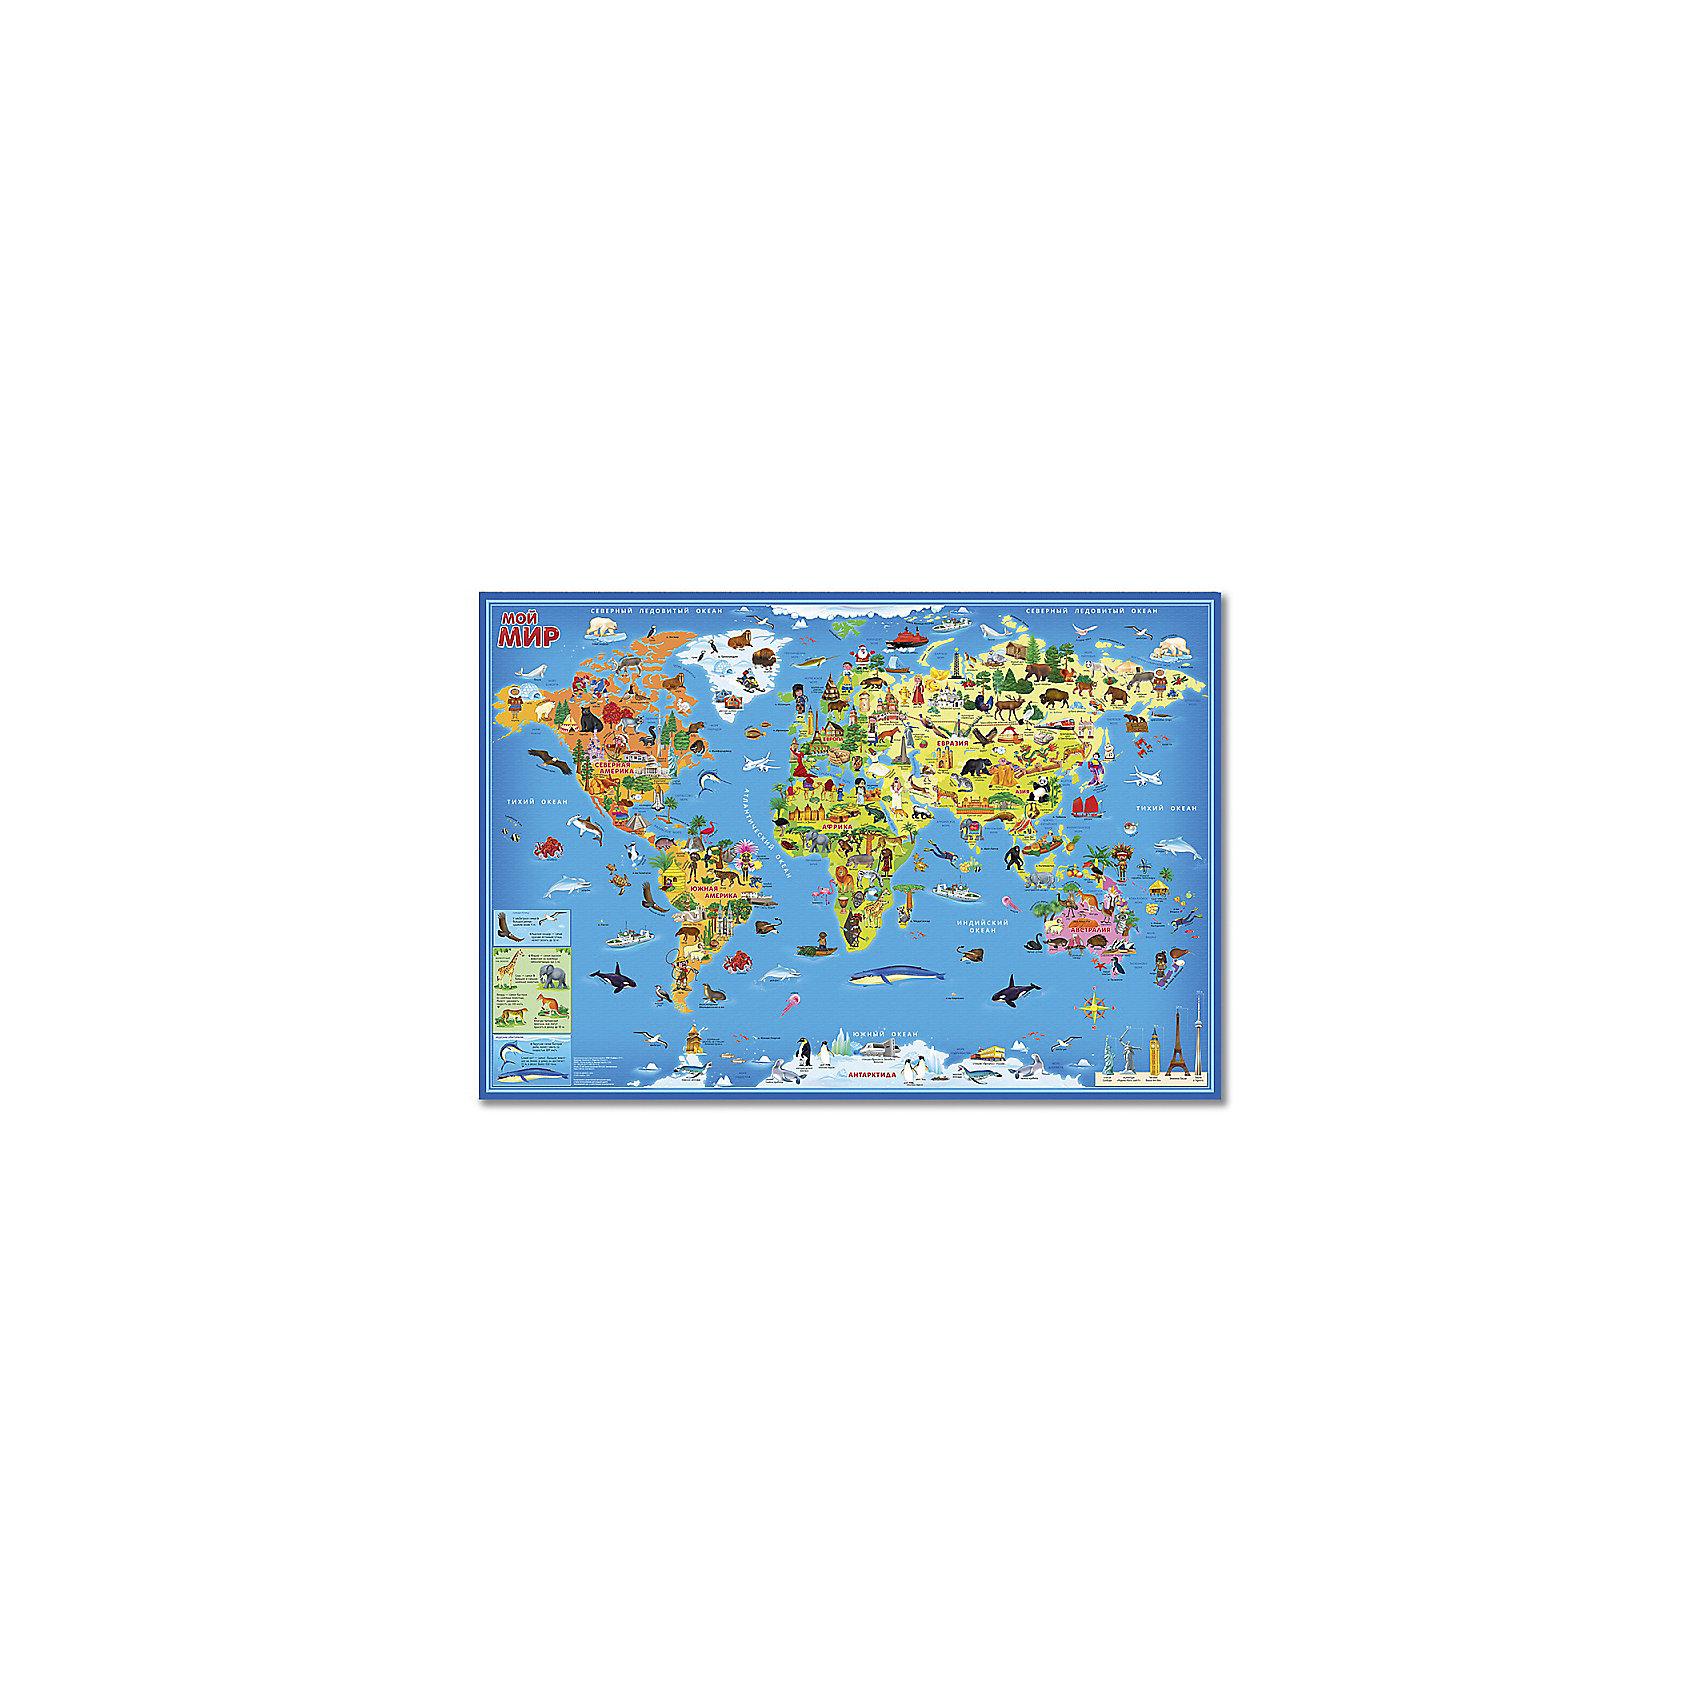 Настенная карта Мой мир 101*69 см, ламинированнаяАтласы и карты<br>Характеристики:<br><br>• Вид игрушек: развивающие<br>• Пол: универсальный<br>• Материал: бумага ламинированная<br>• Размер упаковки (Д*Ш): 101*69 см<br>• Вес: 150 г<br><br>Настенная карта Мой мир 101*69 см, ламинированная от издательства ГЕОДОМ относится к географическим картам и предназначена для детей дошкольного возраста. Карты выполнена из бумаги, имеет ламинированную поверхность, что обеспечит ее сохранность от выцветания и истирания. Имеет удобный формат: ее можно повешать на стену в детской комнате или расстелить на полу. <br><br>На карте изображены контуры всех материков и океанов с условными обозначениями растительного и животного мира, достопримечательностей и народностей. Слева и справа у карты имеется легенда. Значки крупные, хорошо различимые. <br><br>Занятия с настенной картой Мой мир 101*69 см, ламинированной будут способствовать расширению кругозора, развитию памяти, в том числе и зрительной, а также научат вашего ребенка работать с картой.<br><br>Настенную карту Мой мир 101*69 см, ламинированную можно купить в нашем интернет-магазине.<br><br>Ширина мм: 1010<br>Глубина мм: 690<br>Высота мм: 1<br>Вес г: 150<br>Возраст от месяцев: 36<br>Возраст до месяцев: 2147483647<br>Пол: Унисекс<br>Возраст: Детский<br>SKU: 5422996